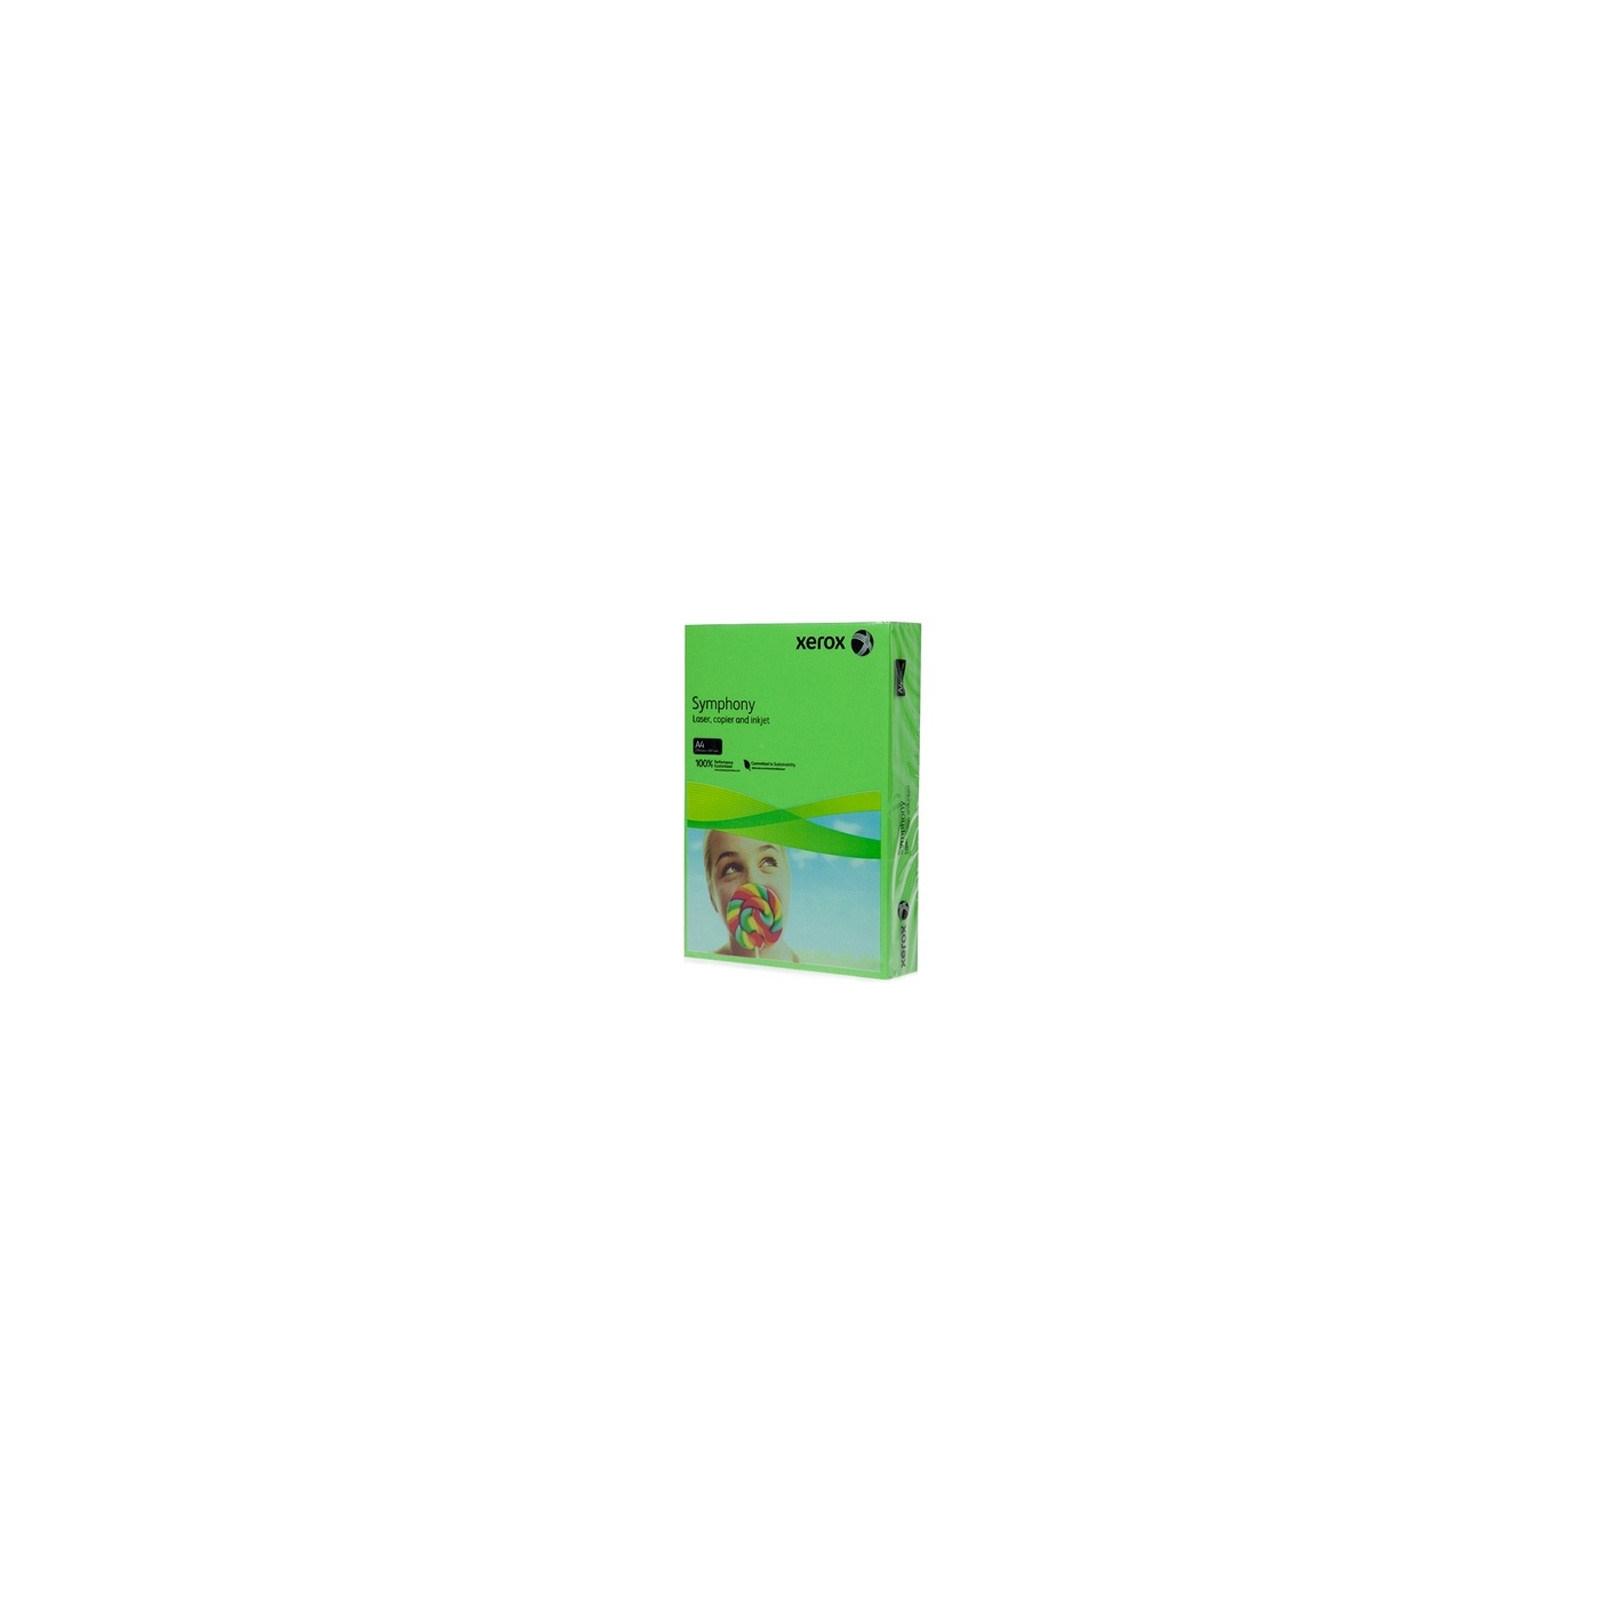 Бумага XEROX A4 SYMPHONY Intensive Dark Green (003R94279)